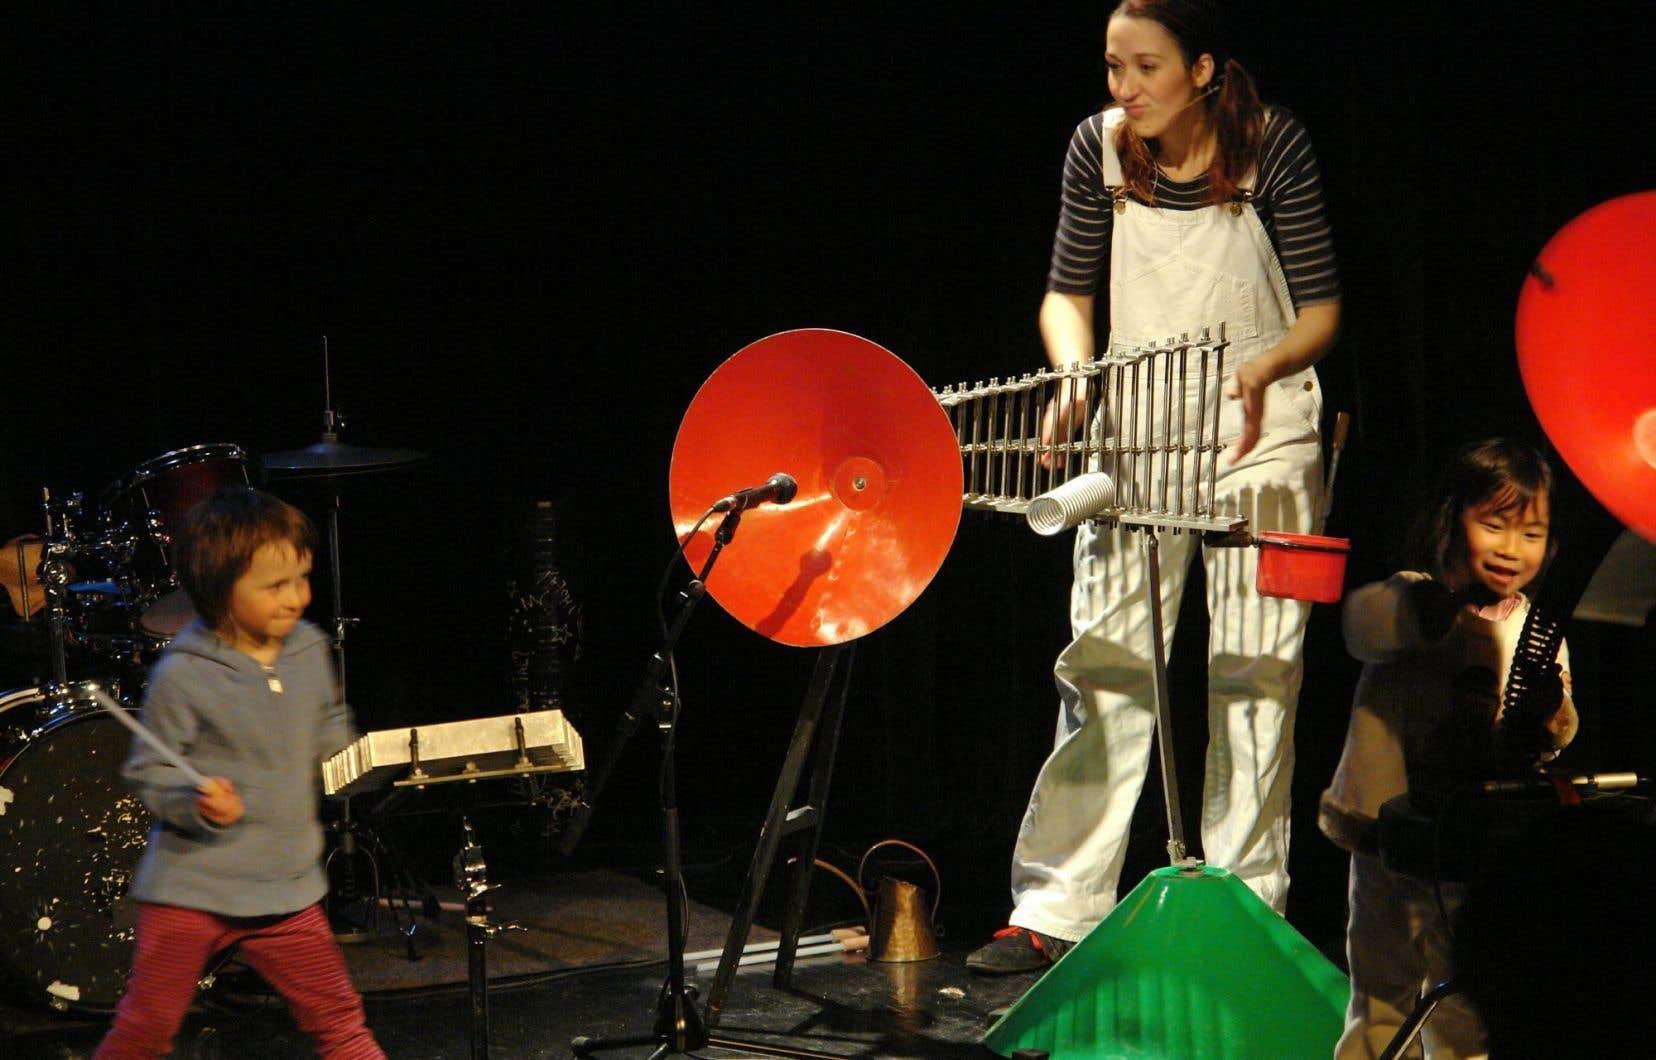 L'Arsenal à musique présente le spectacle L'usine des sons, destiné aux enfants de 8 à 12 ans.